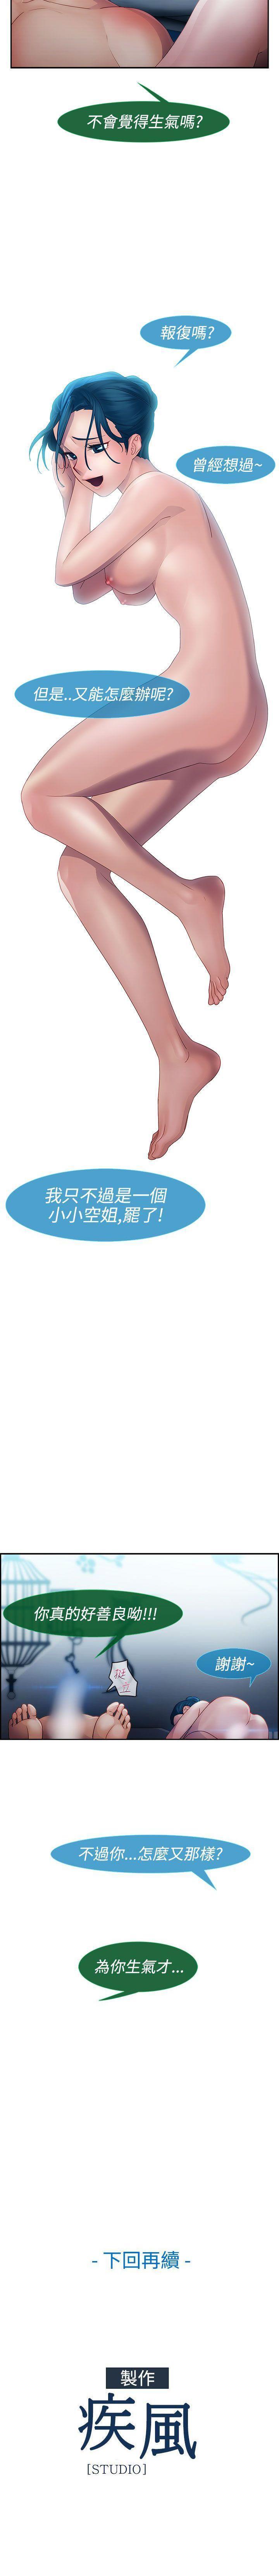 淑女花苑 1-80 51